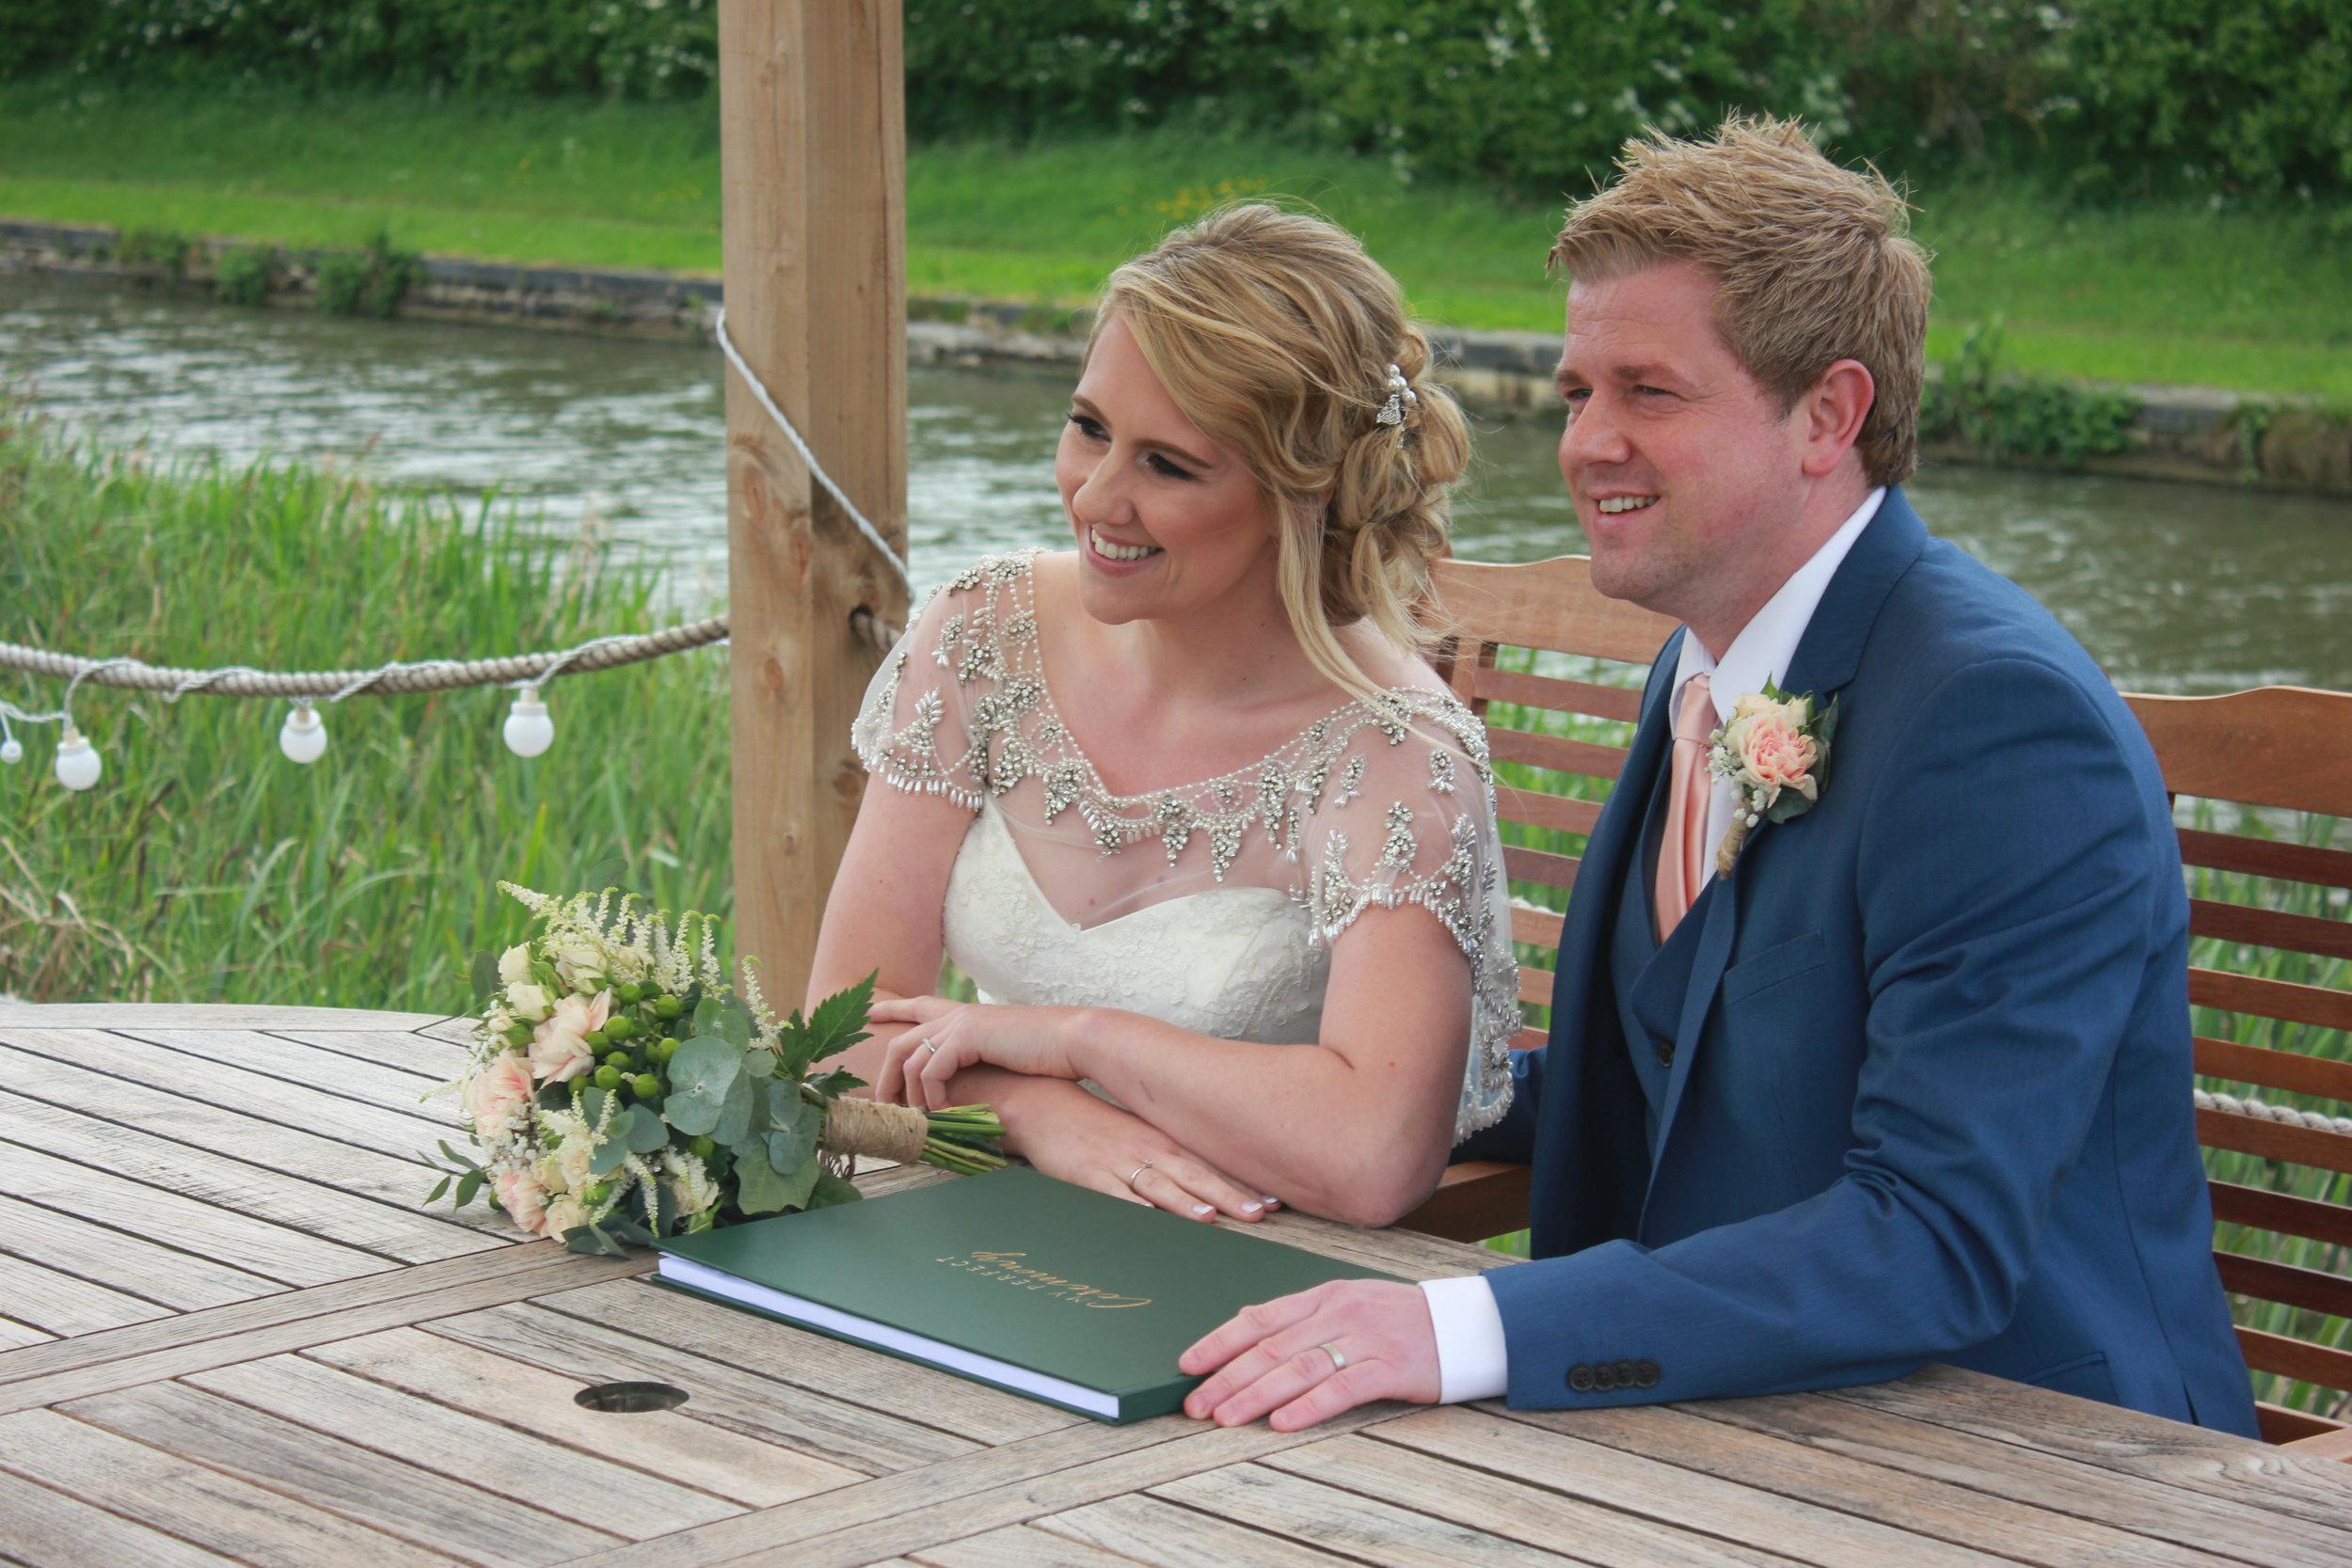 My Perfect Ceremony - Wedding Celebrant Testimonial - Lucy & Wayne